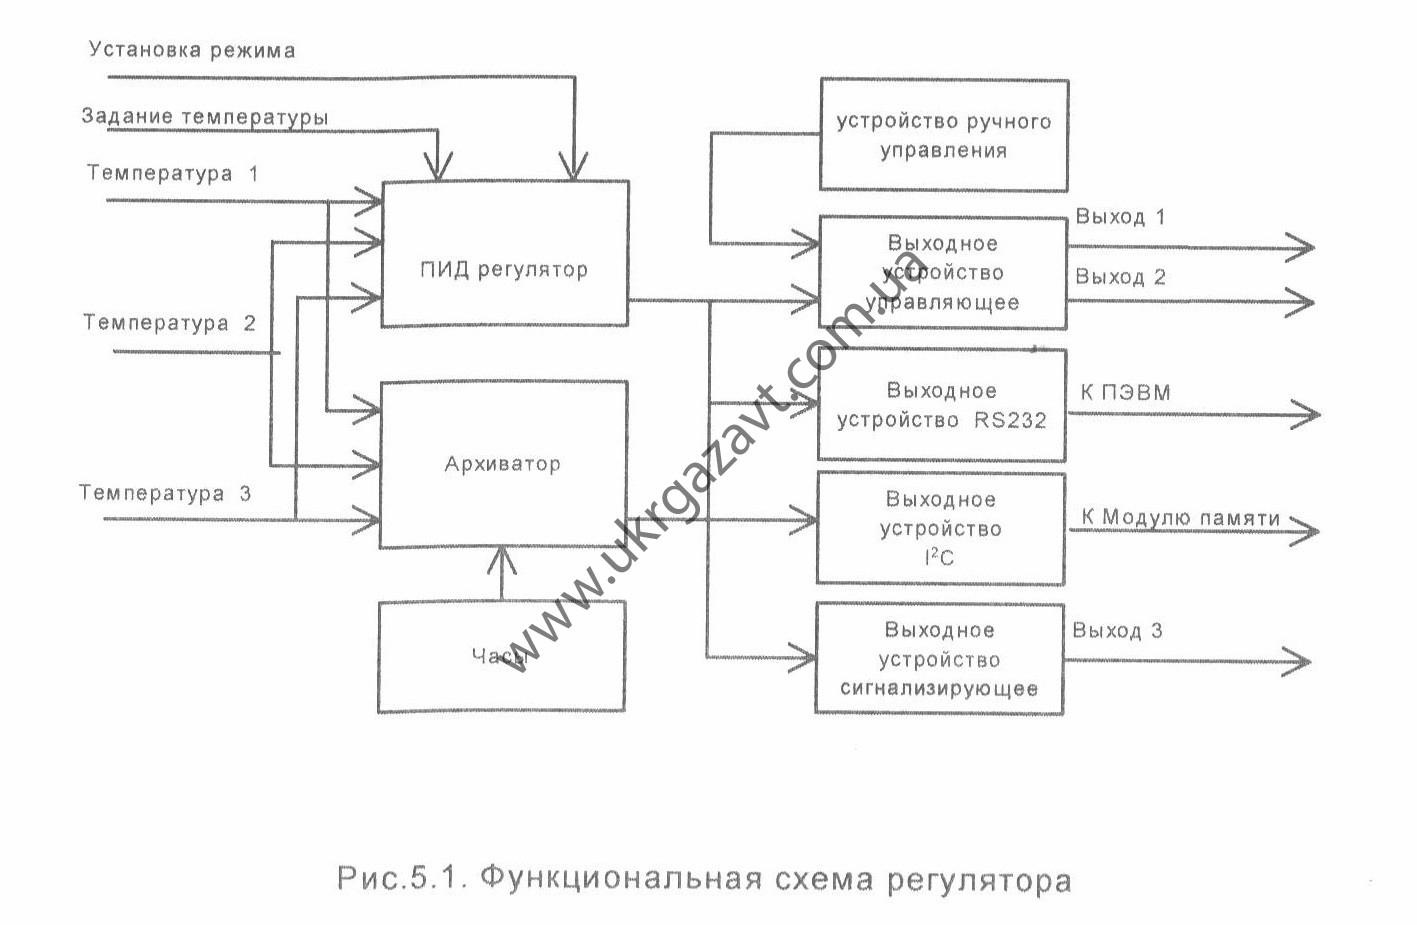 Функциональная схема регулятора